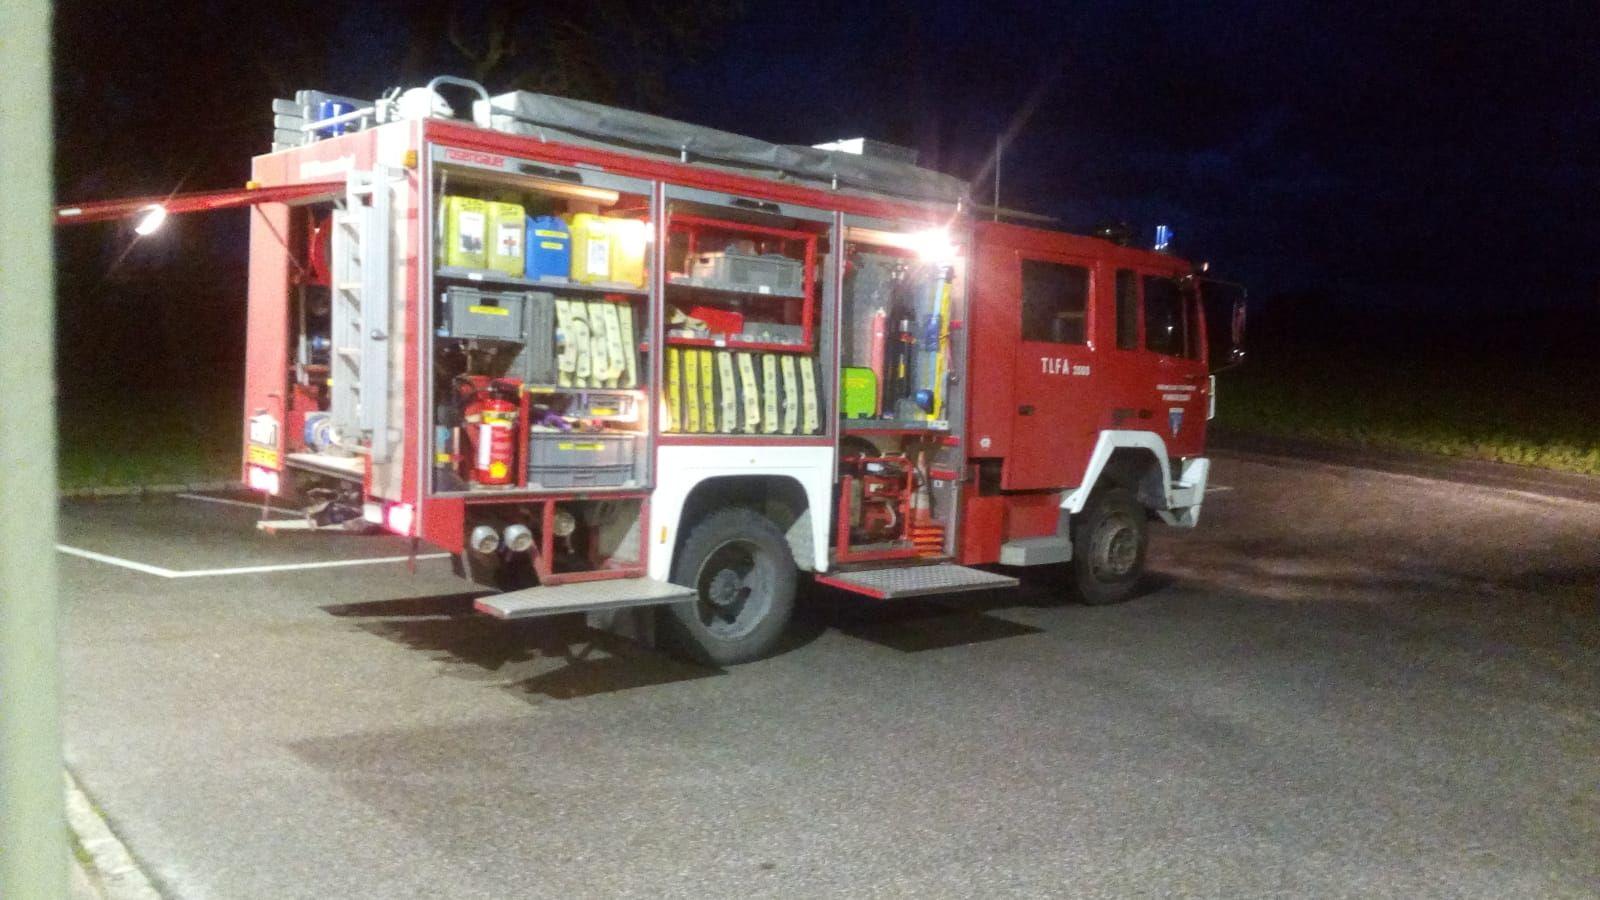 Gebrauchte Feuerwehrfahrzeuge Feuerwehr Fahrzeuge Feuerwehr